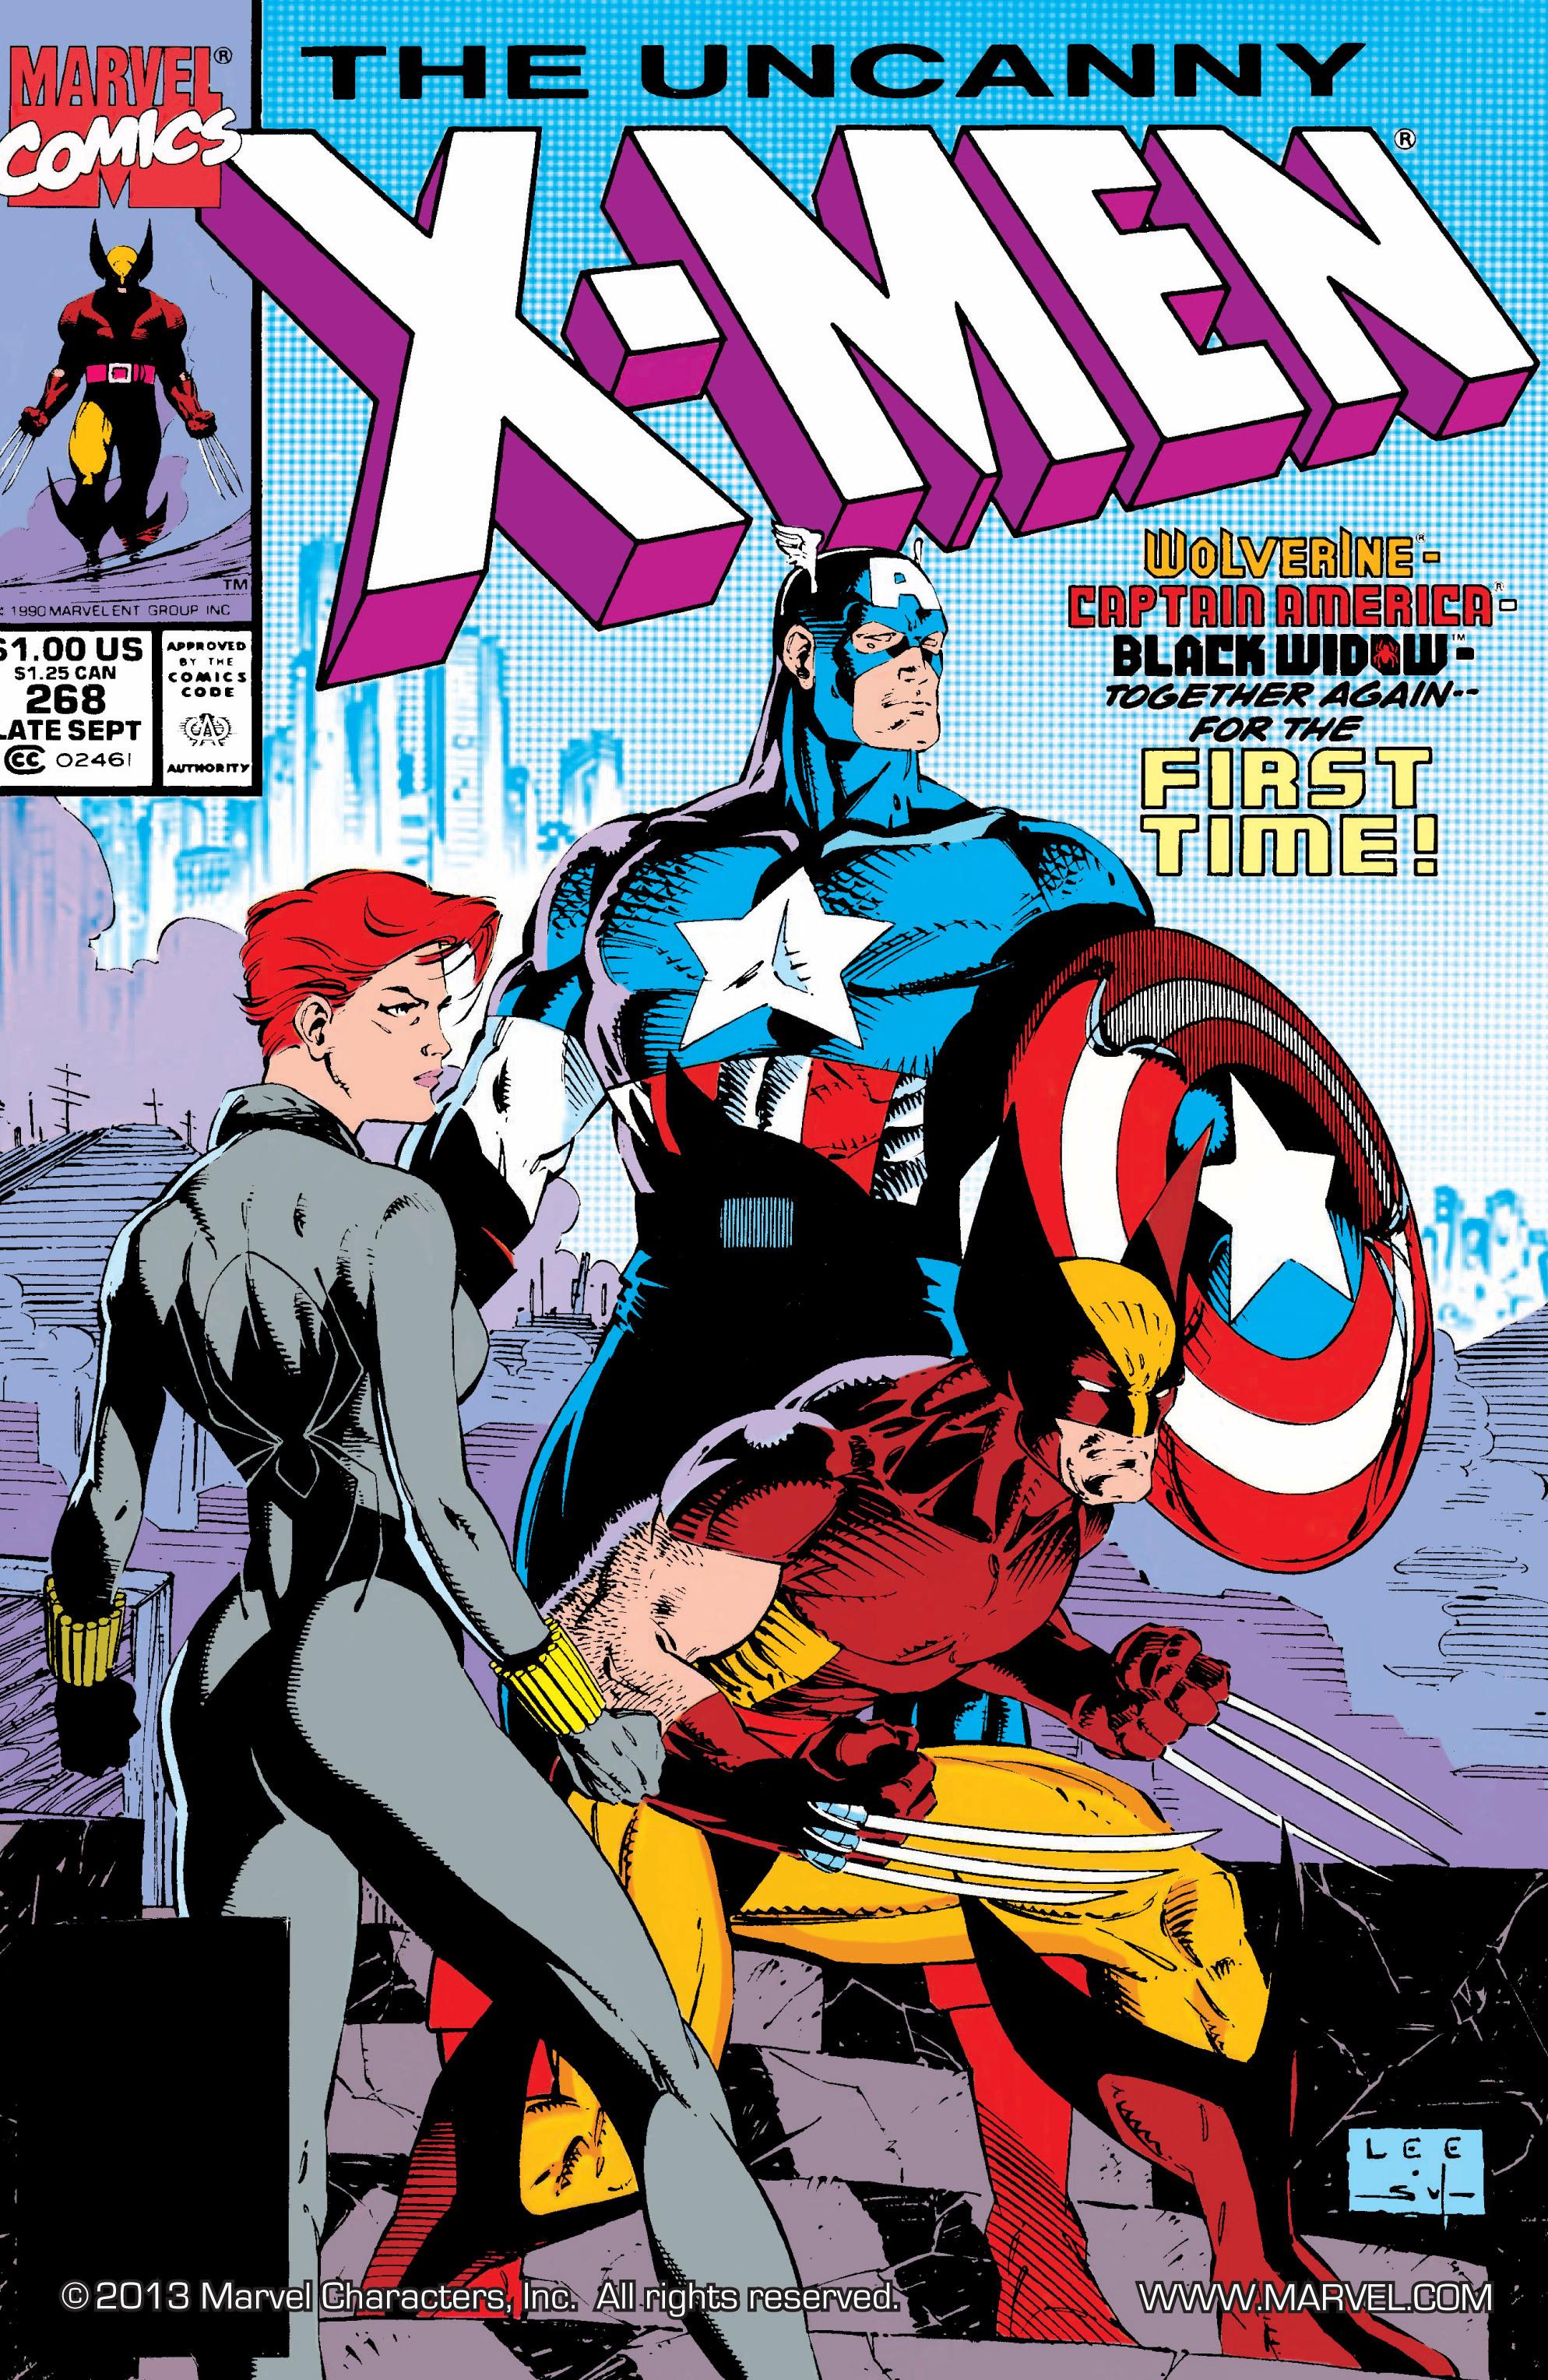 Read online Uncanny X-Men (1963) comic -  Issue #268 - 1